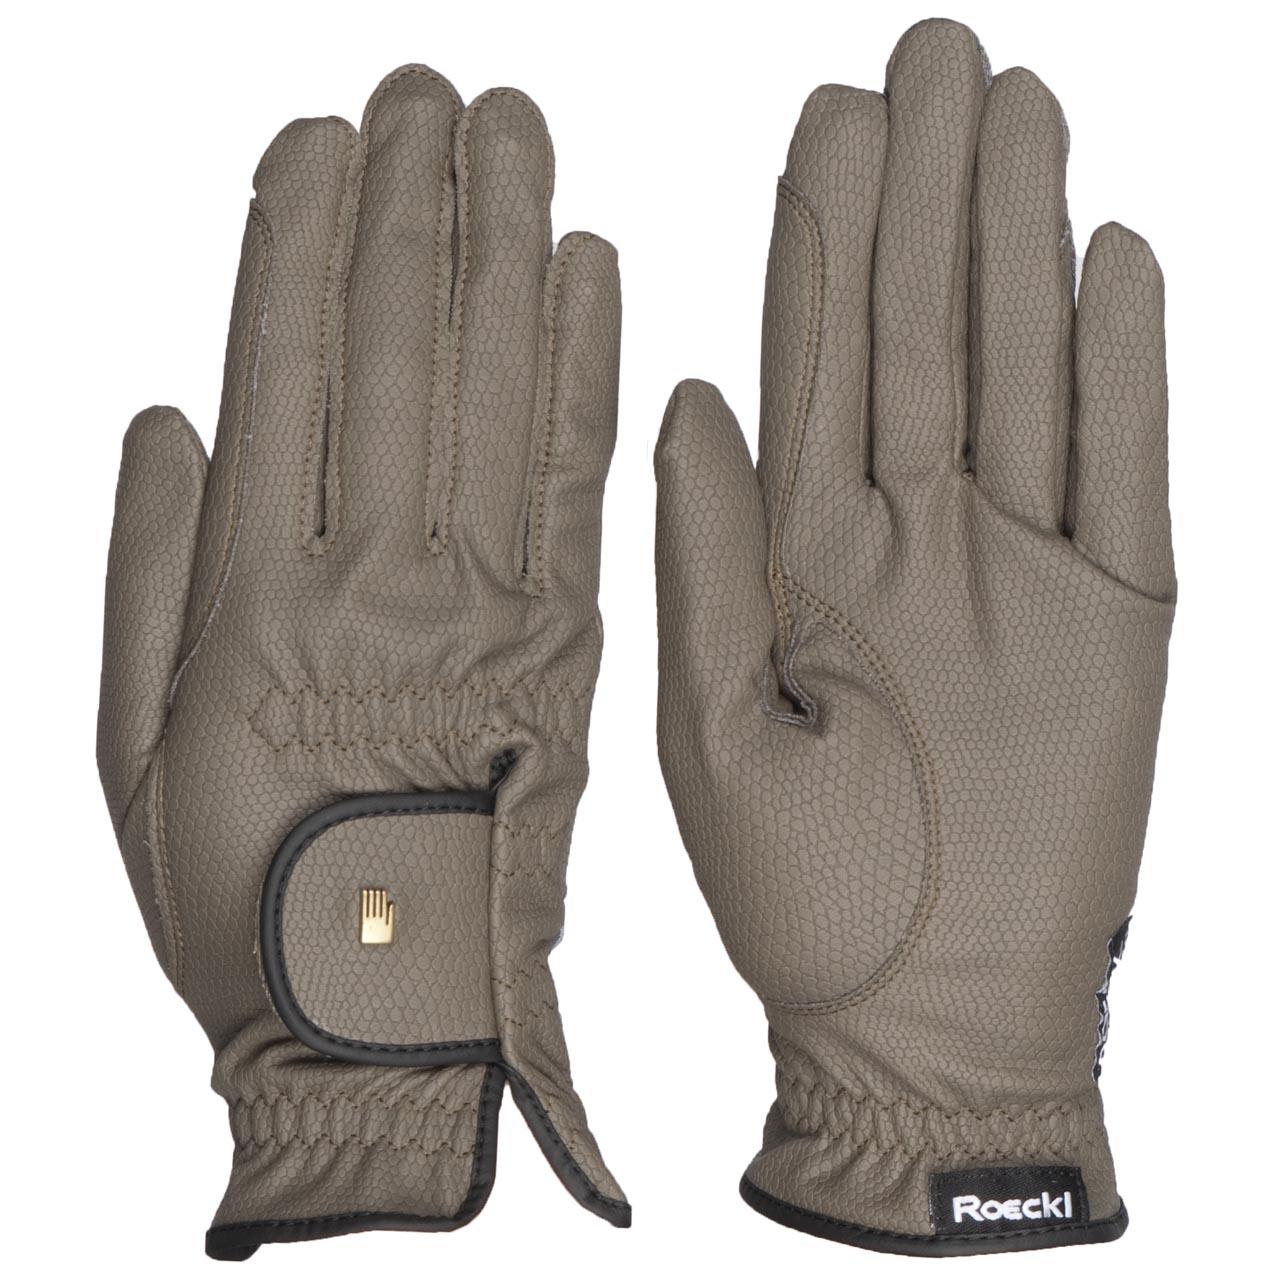 Roeckl Roeck grip Handschoen olijf maat:8